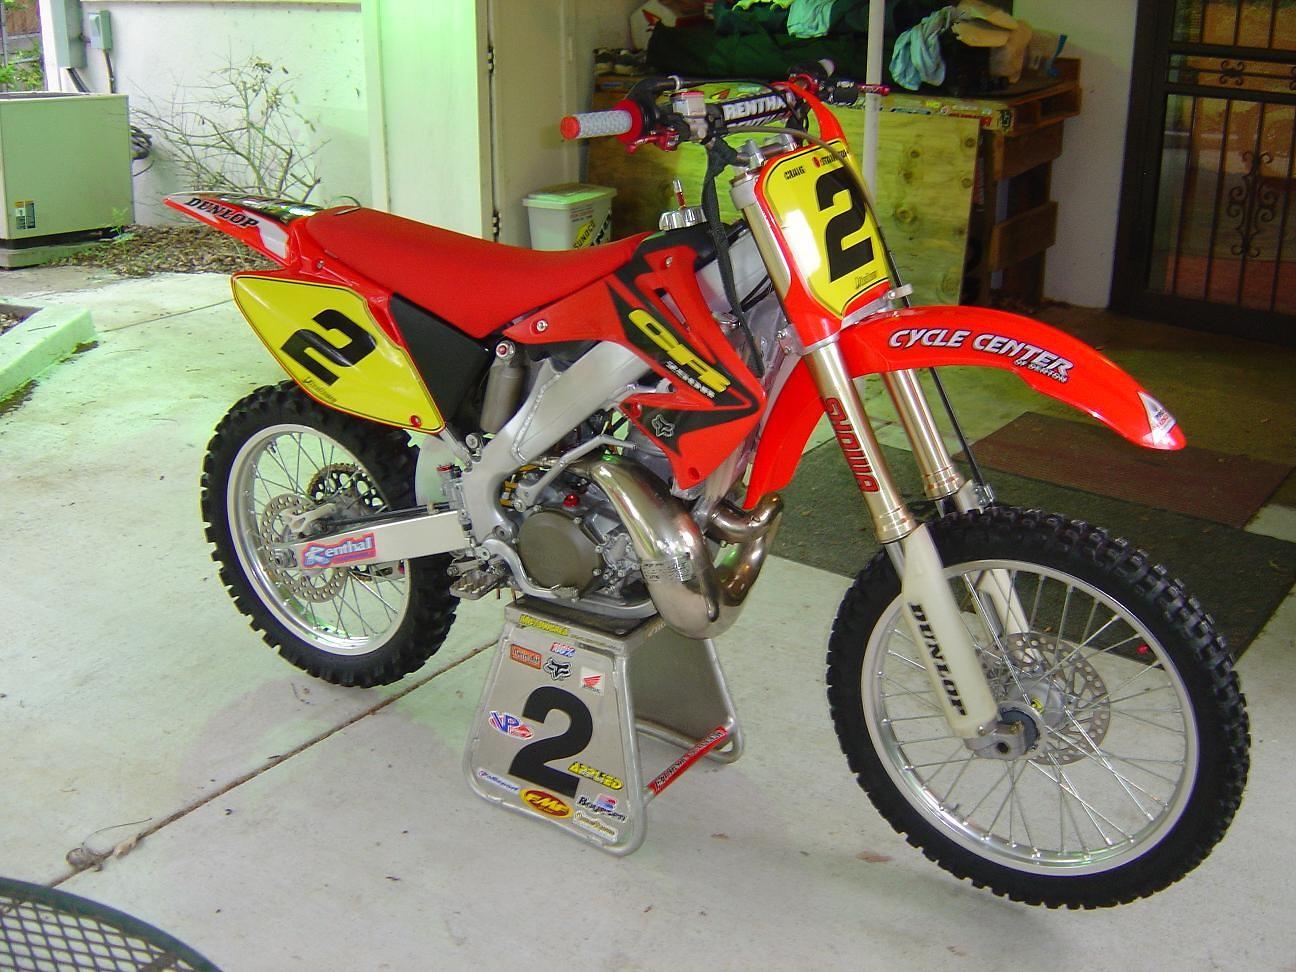 DSC02839-1 - Rideredmx2 - Motocross Pictures - Vital MX